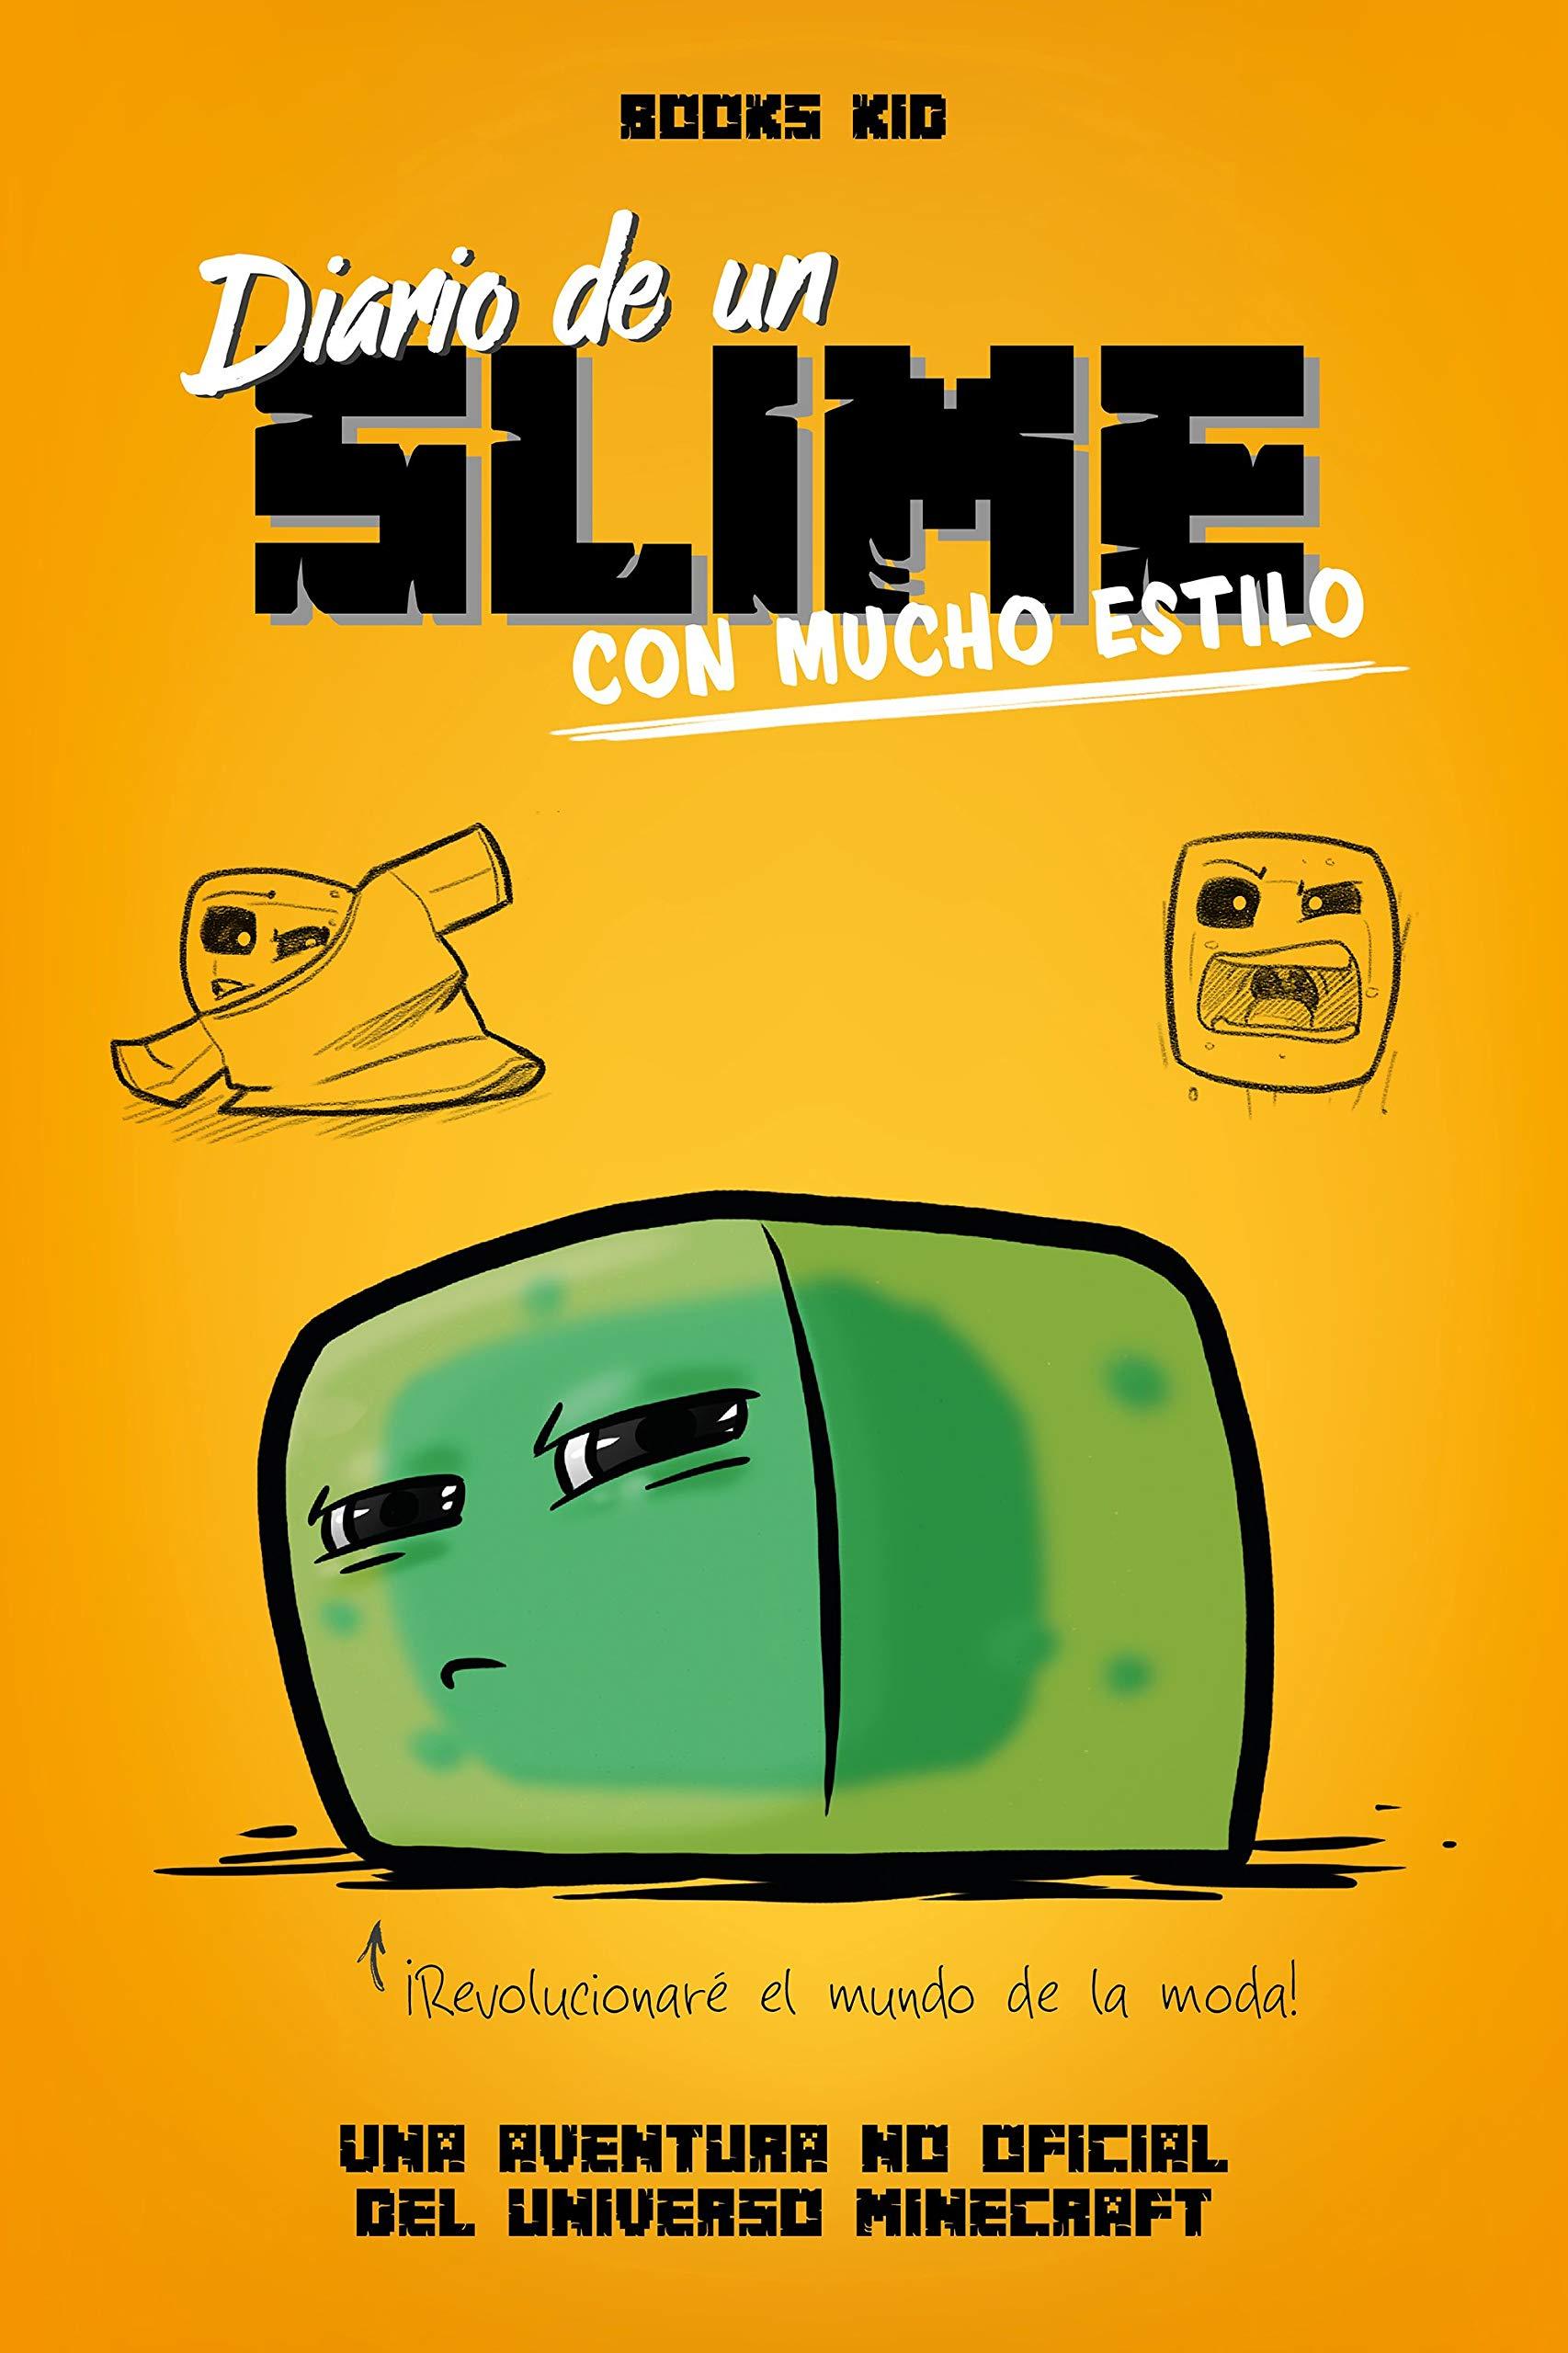 Diario de un slime con mucho estilo